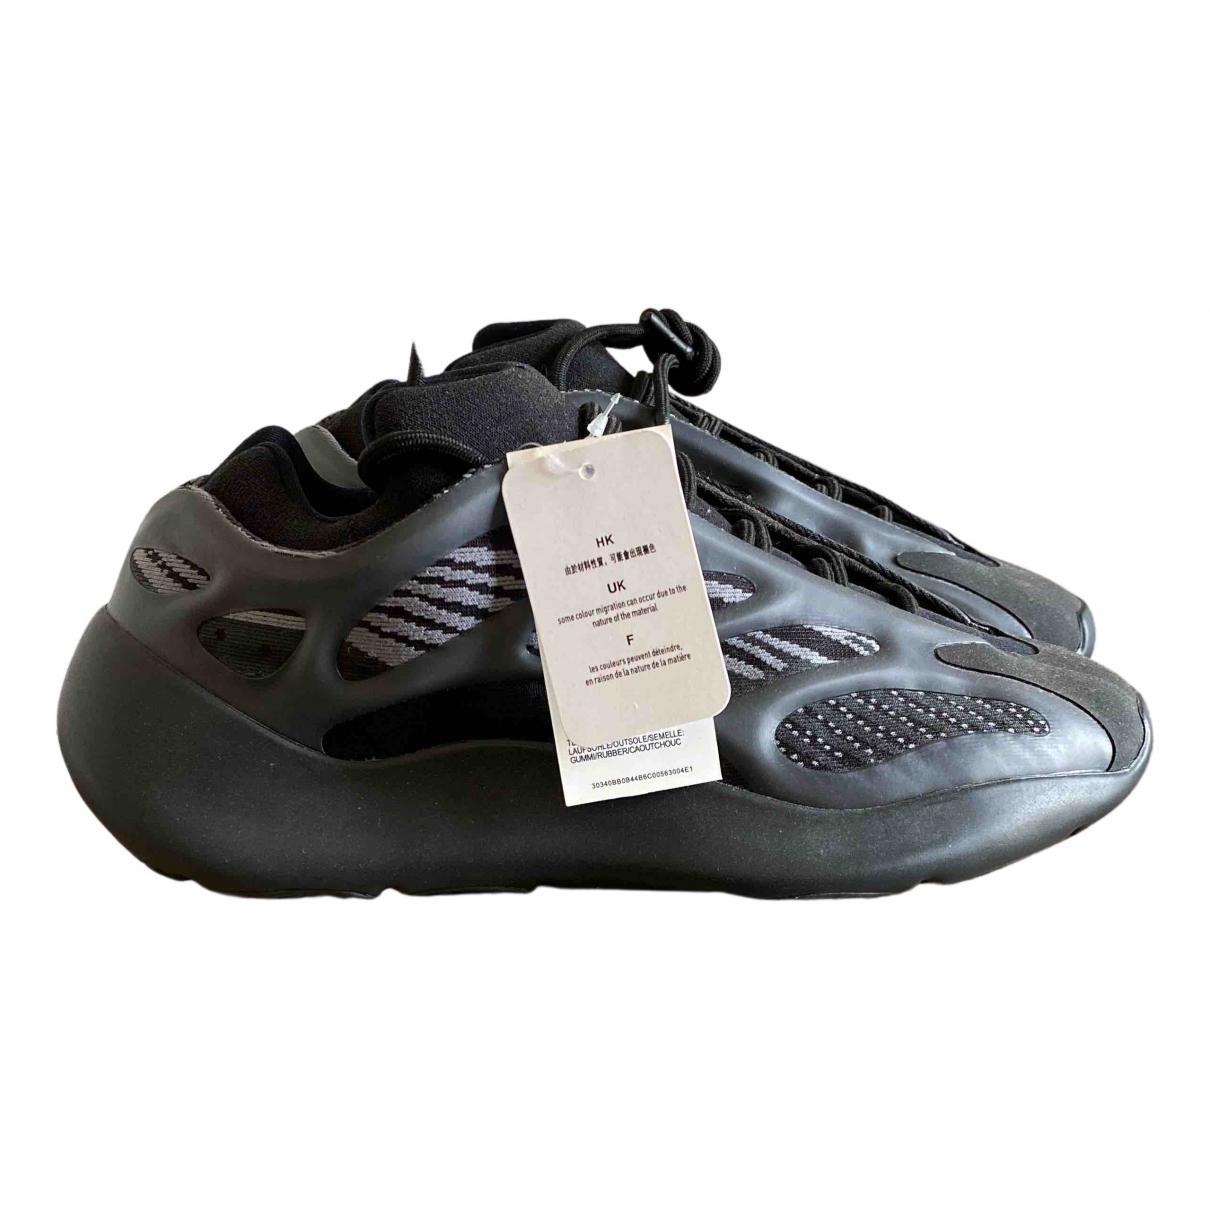 Yeezy X Adidas - Baskets Boost 700 V3 pour homme en caoutchouc - noir